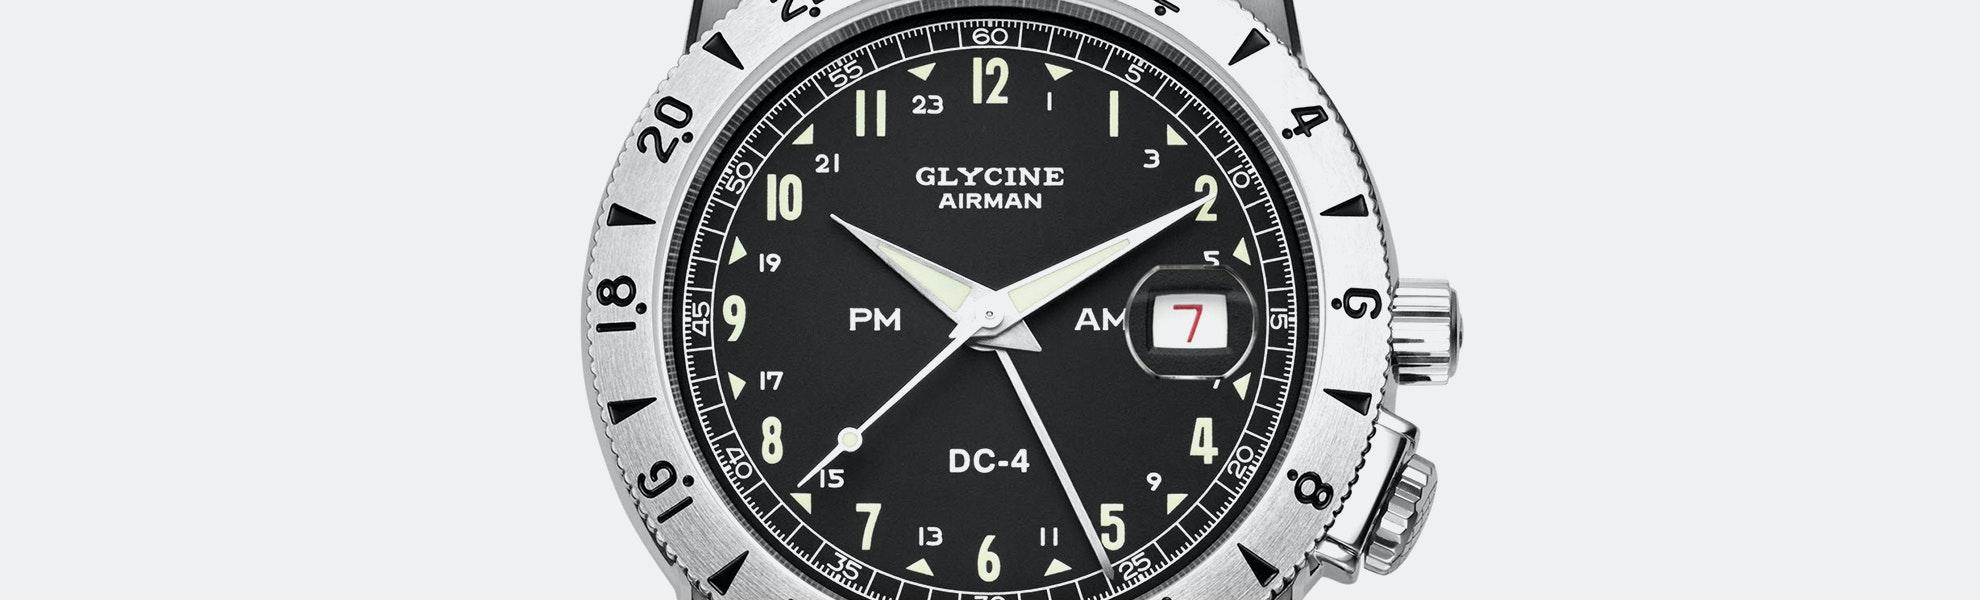 Glycine Airman DC-4 Automatic Watch